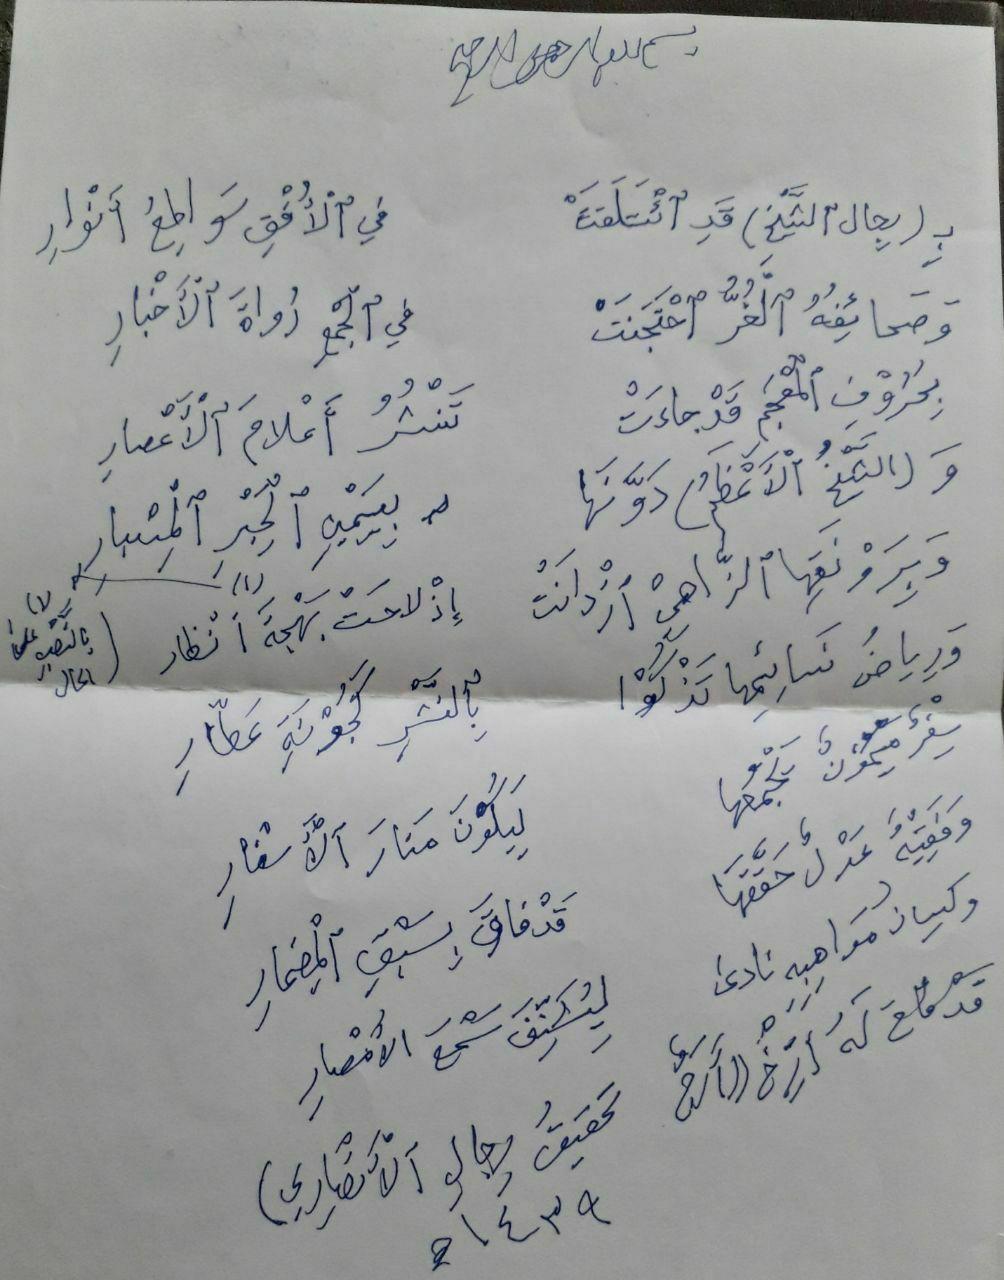 تقريظ السيد عبد الستار الحسني على كتاب رجال الشيخ الأنصاري